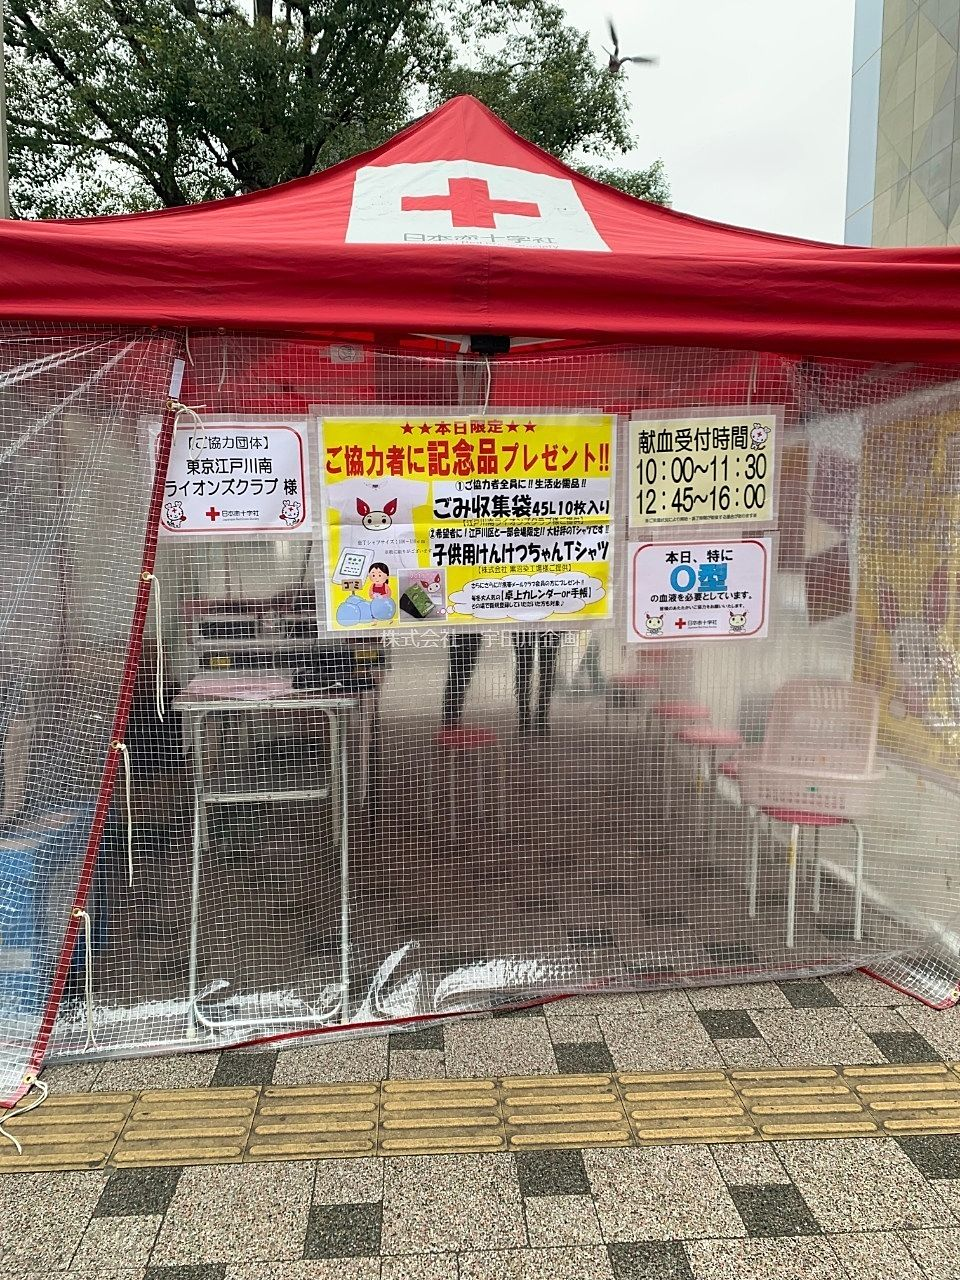 本日12月16日(日)献血やっております@西葛西駅南口広場!